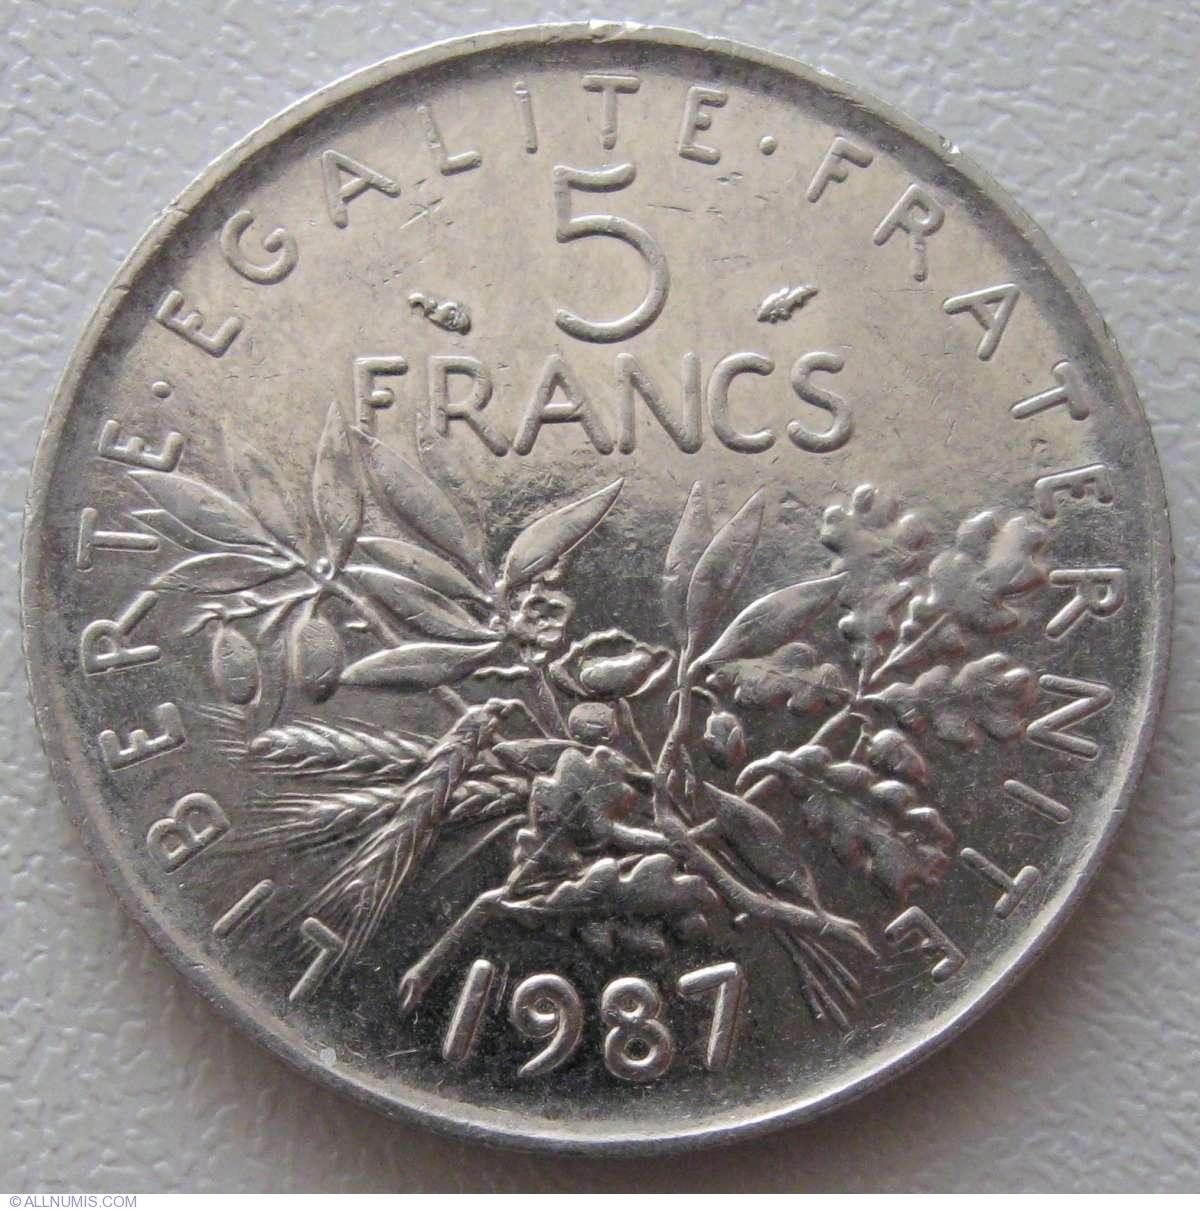 5 Francs 1987 Fifth Republic Francs 1986 2001 France Coin 934